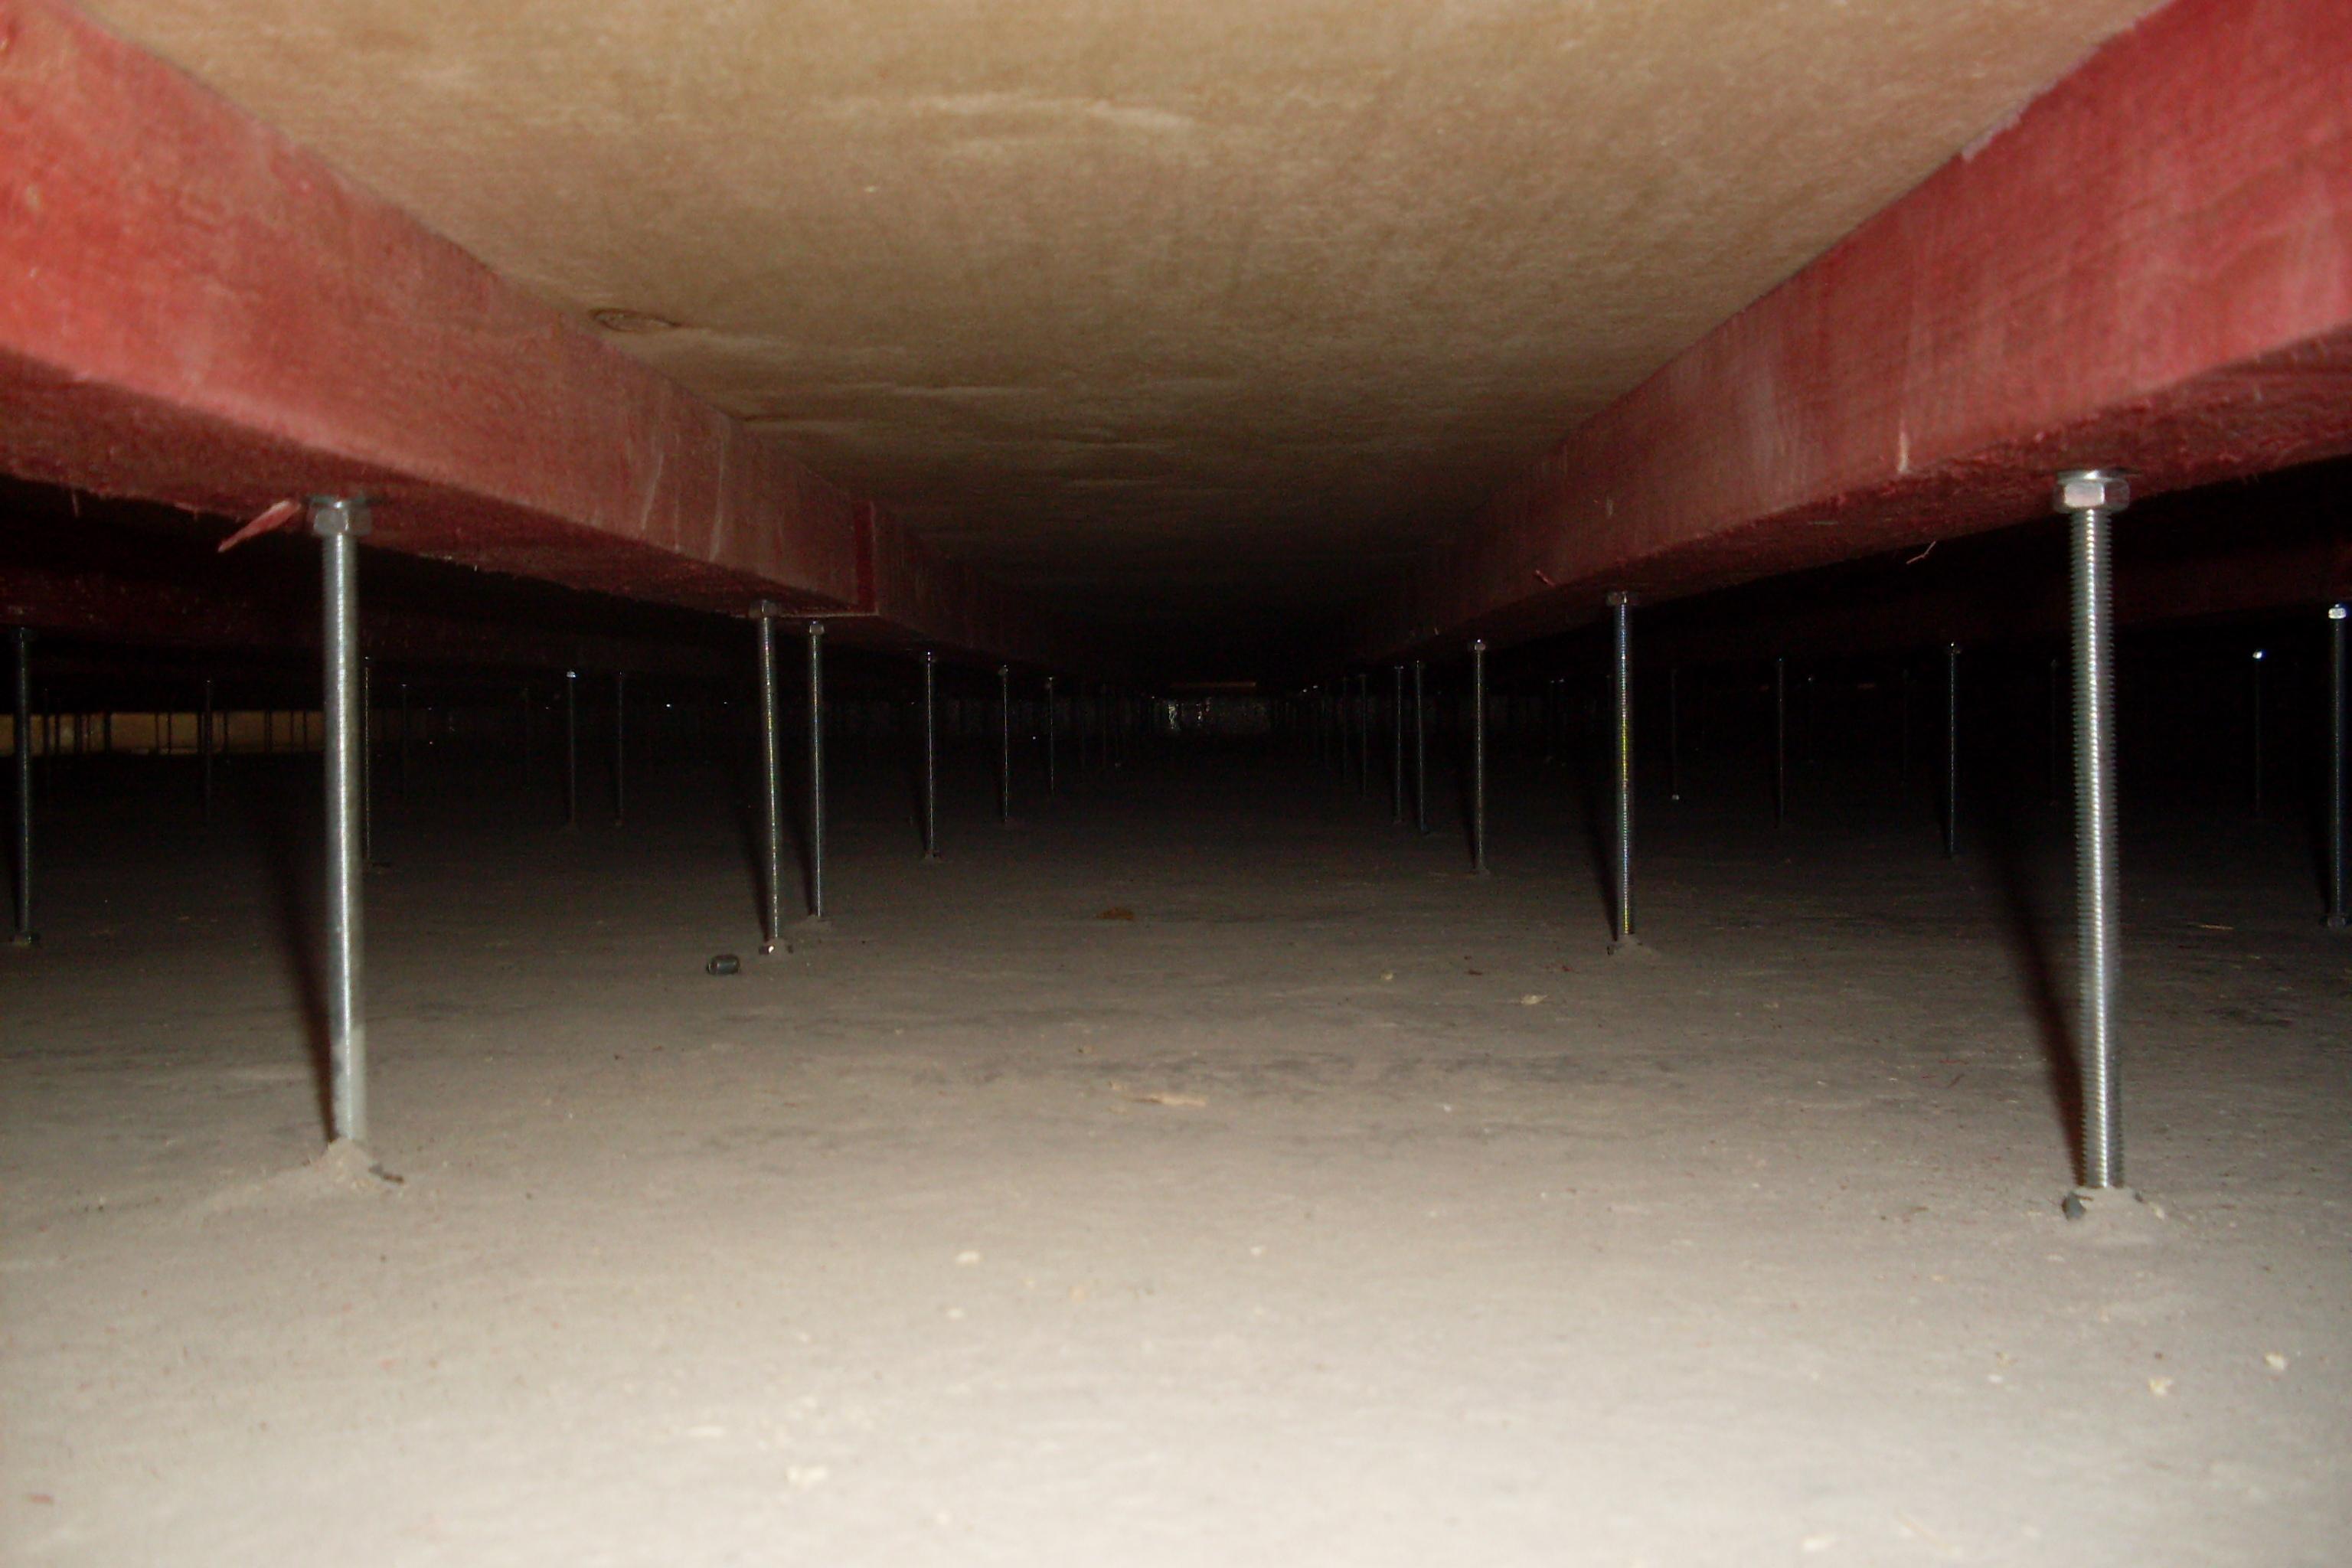 Ragreage sur plancher bois salle de bain estimation prix for Ragreage sur plancher agglomere